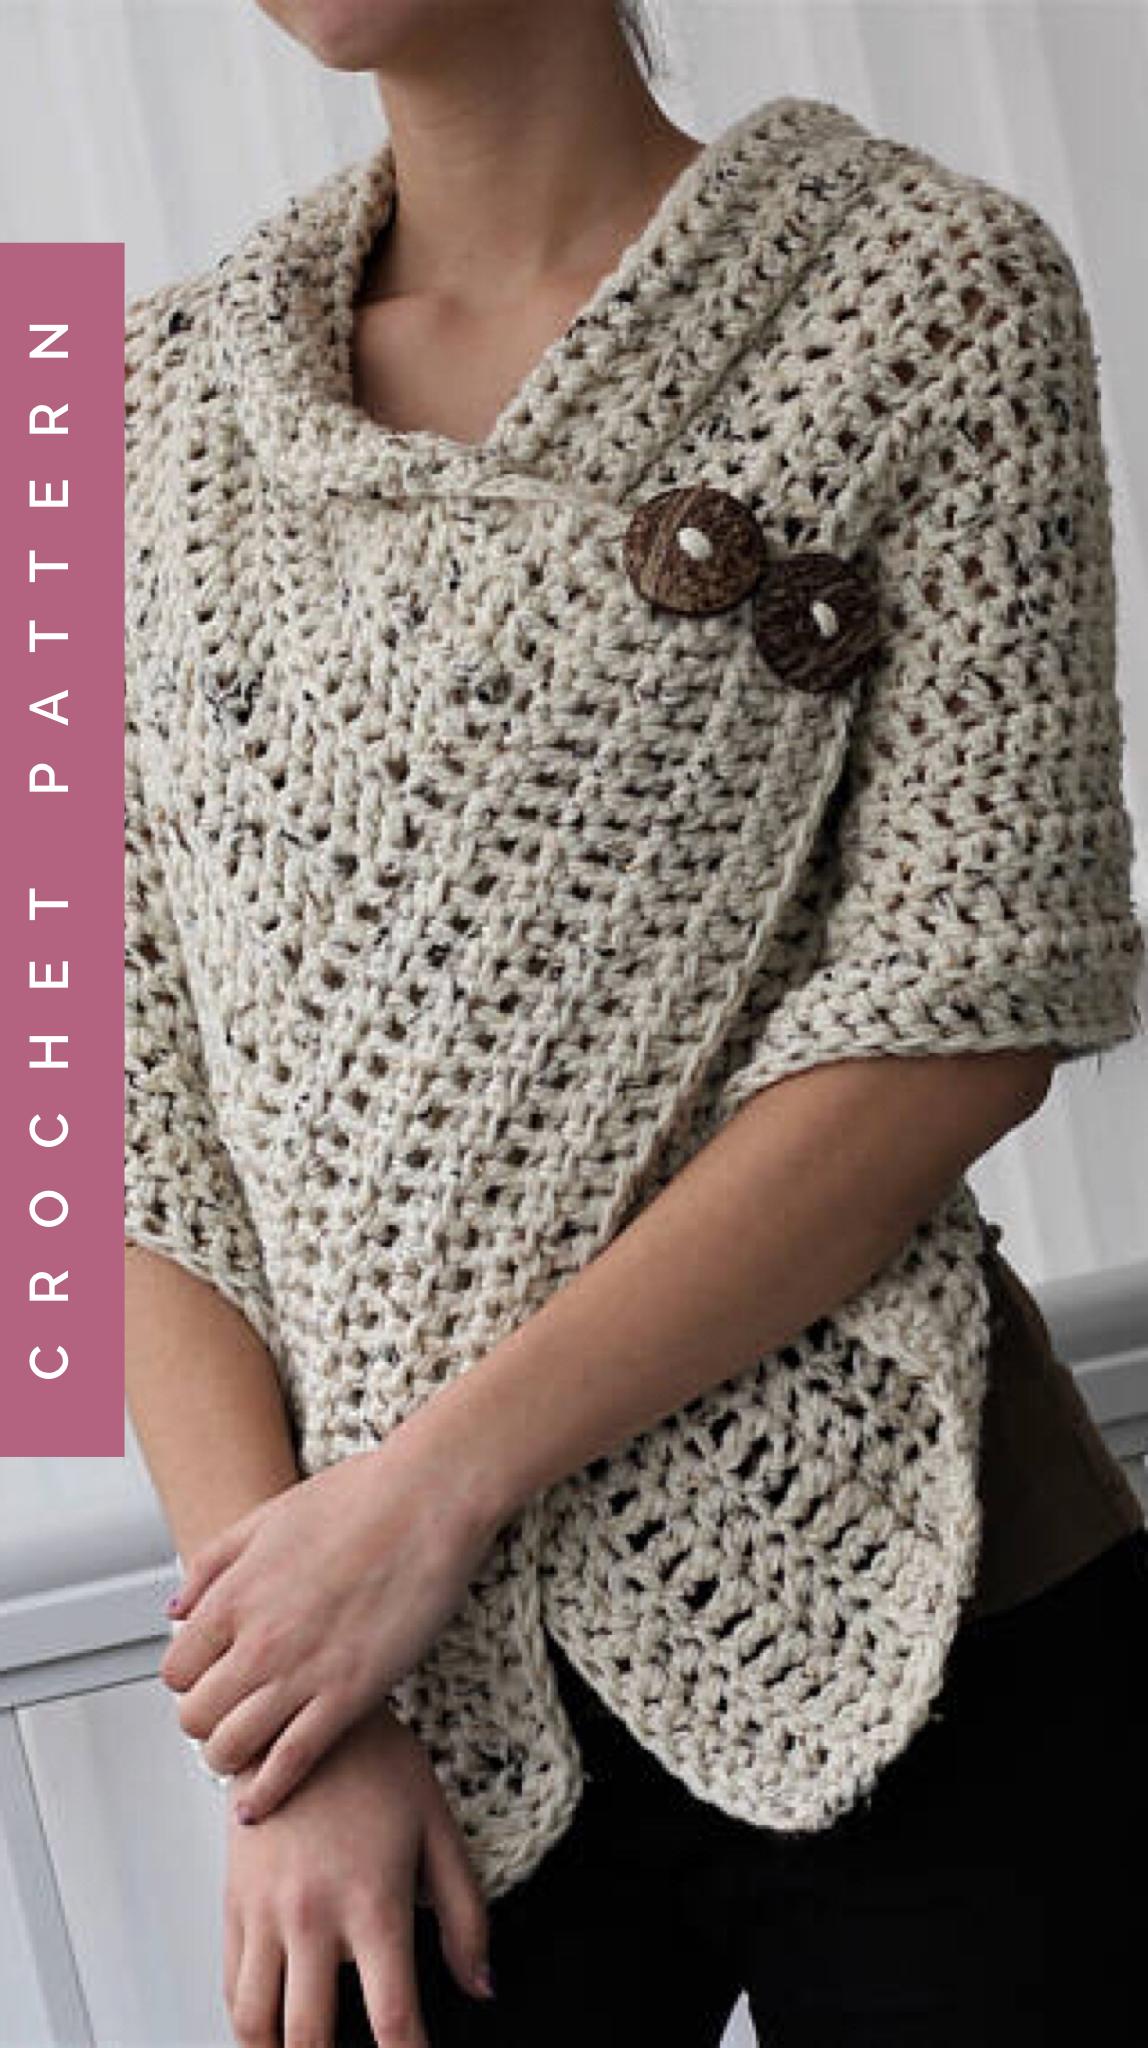 Easy Crochet Womens Sweater Wrap Scarf Pattern Crochetwrappattern